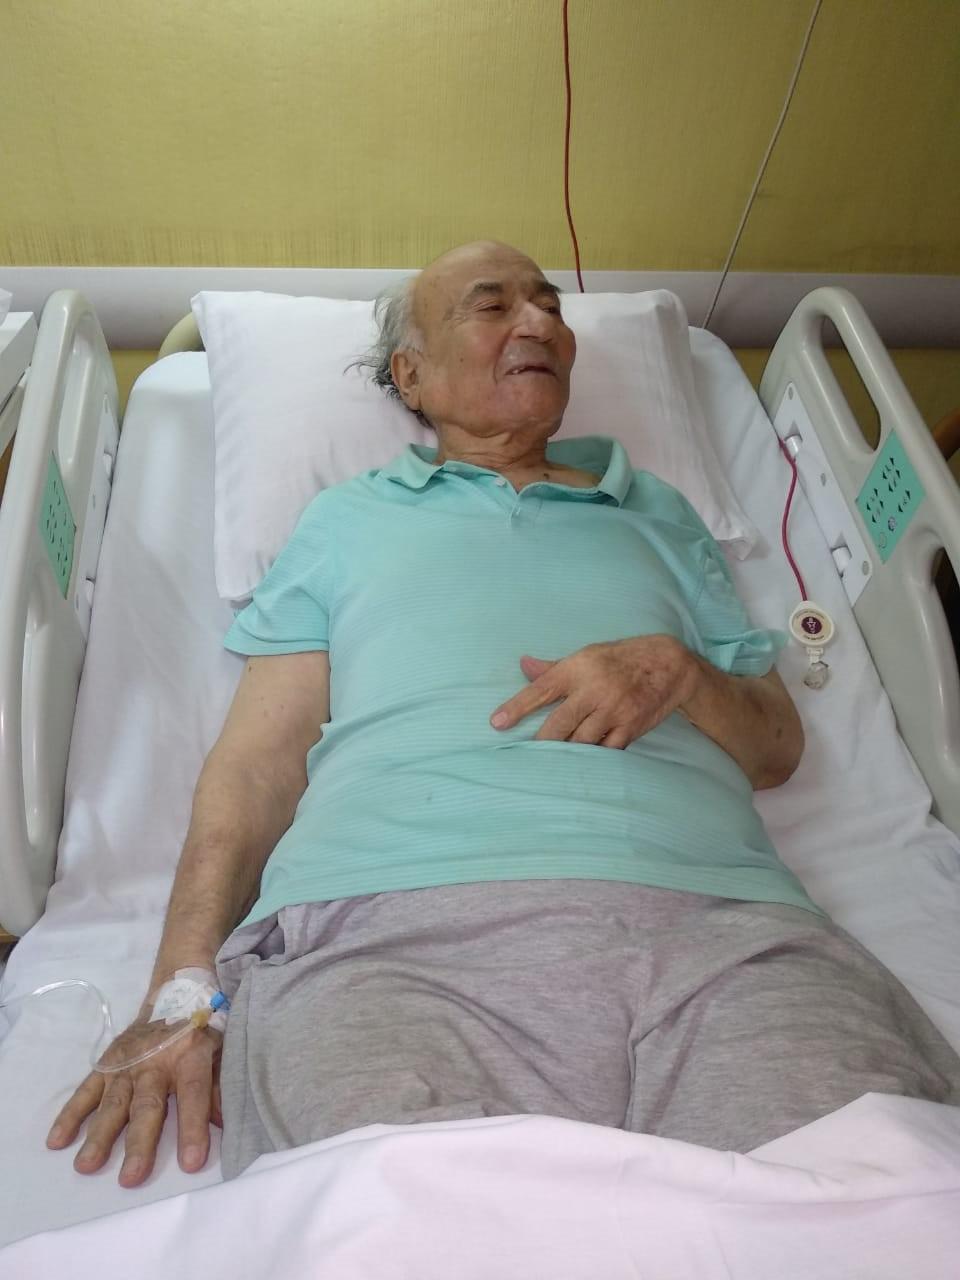 نقل الدكتوريوسف والى لمستشفى الزراعيين..وفريق طبى يعد تقريرا حول حالته  123498-يوسف-والى--فى--حضرة-مستشفى-الزراعيين-(11)